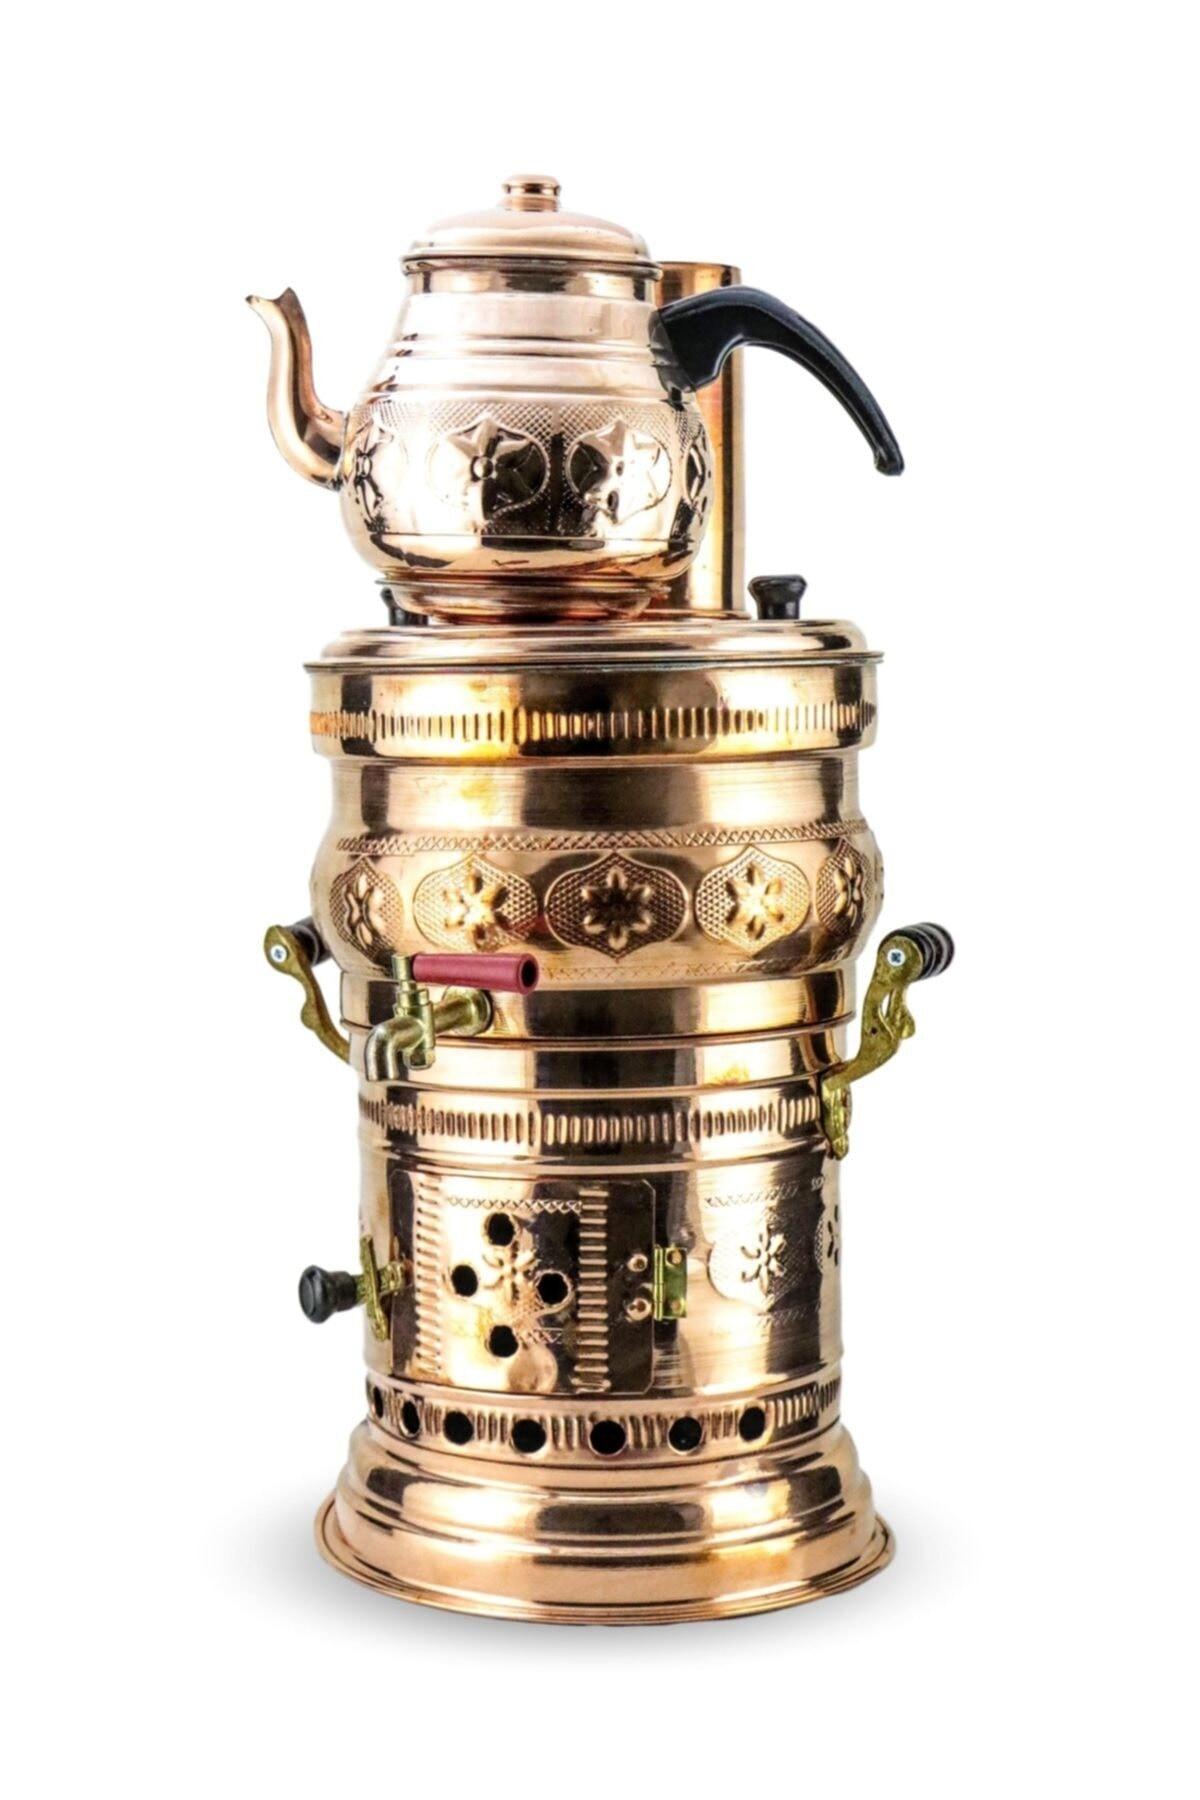 ساموفار-موقد تخييم نحاسي مصنوع يدويًا ، خشب/فحم ، إبريق شاي ، غلاية شاي ساموفار ، سخان مياه للشواء في الهواء الطلق